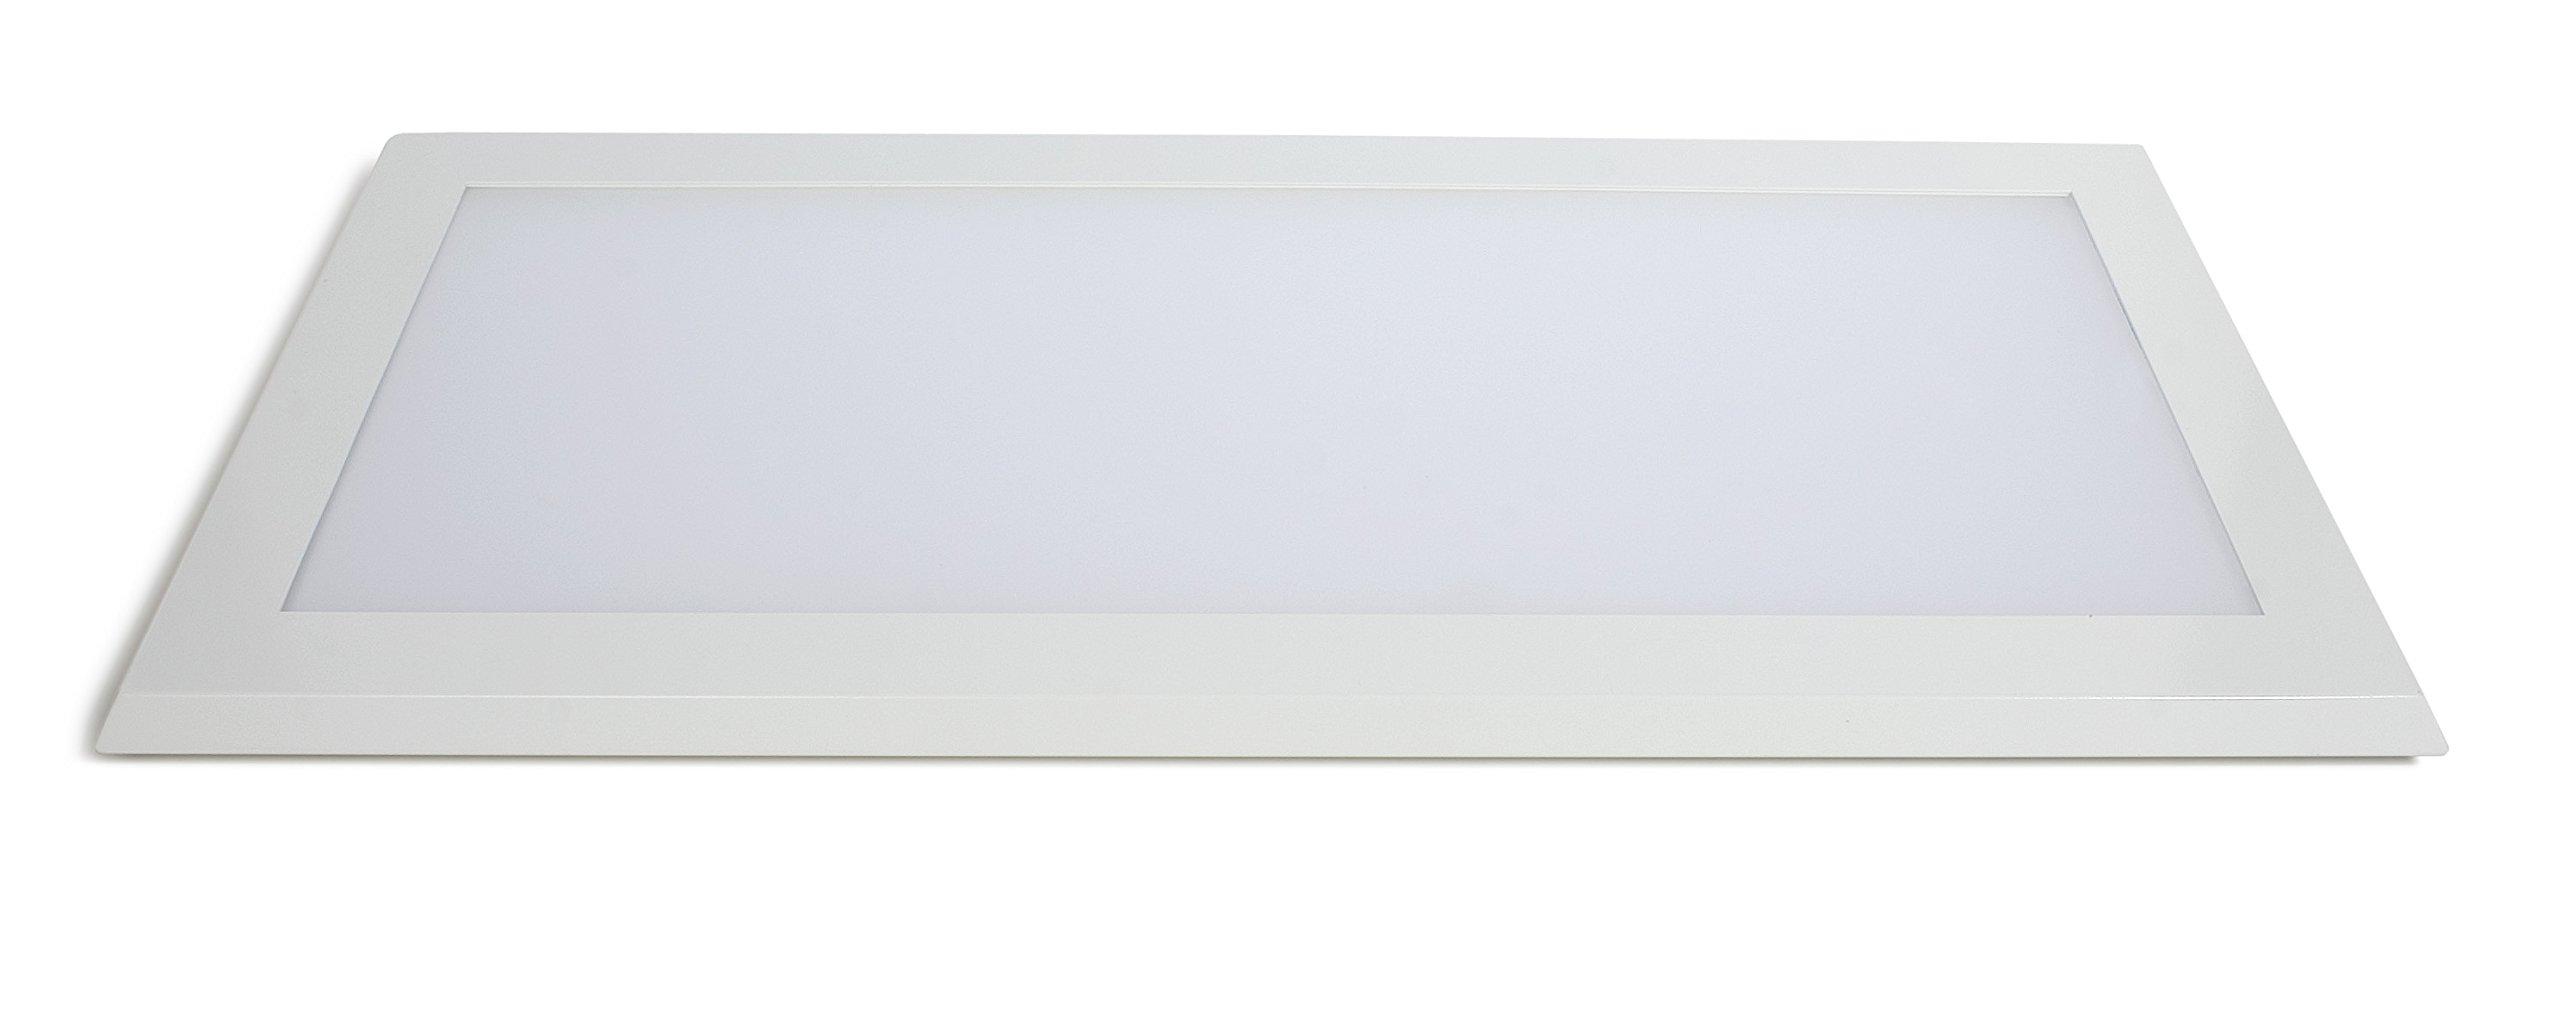 Pixi 1' X 2' Ultra-slim Flatlight ™ Edge-lit LED Luminaire 3000k (soft white) 90-130v Dimmable Internal Driver